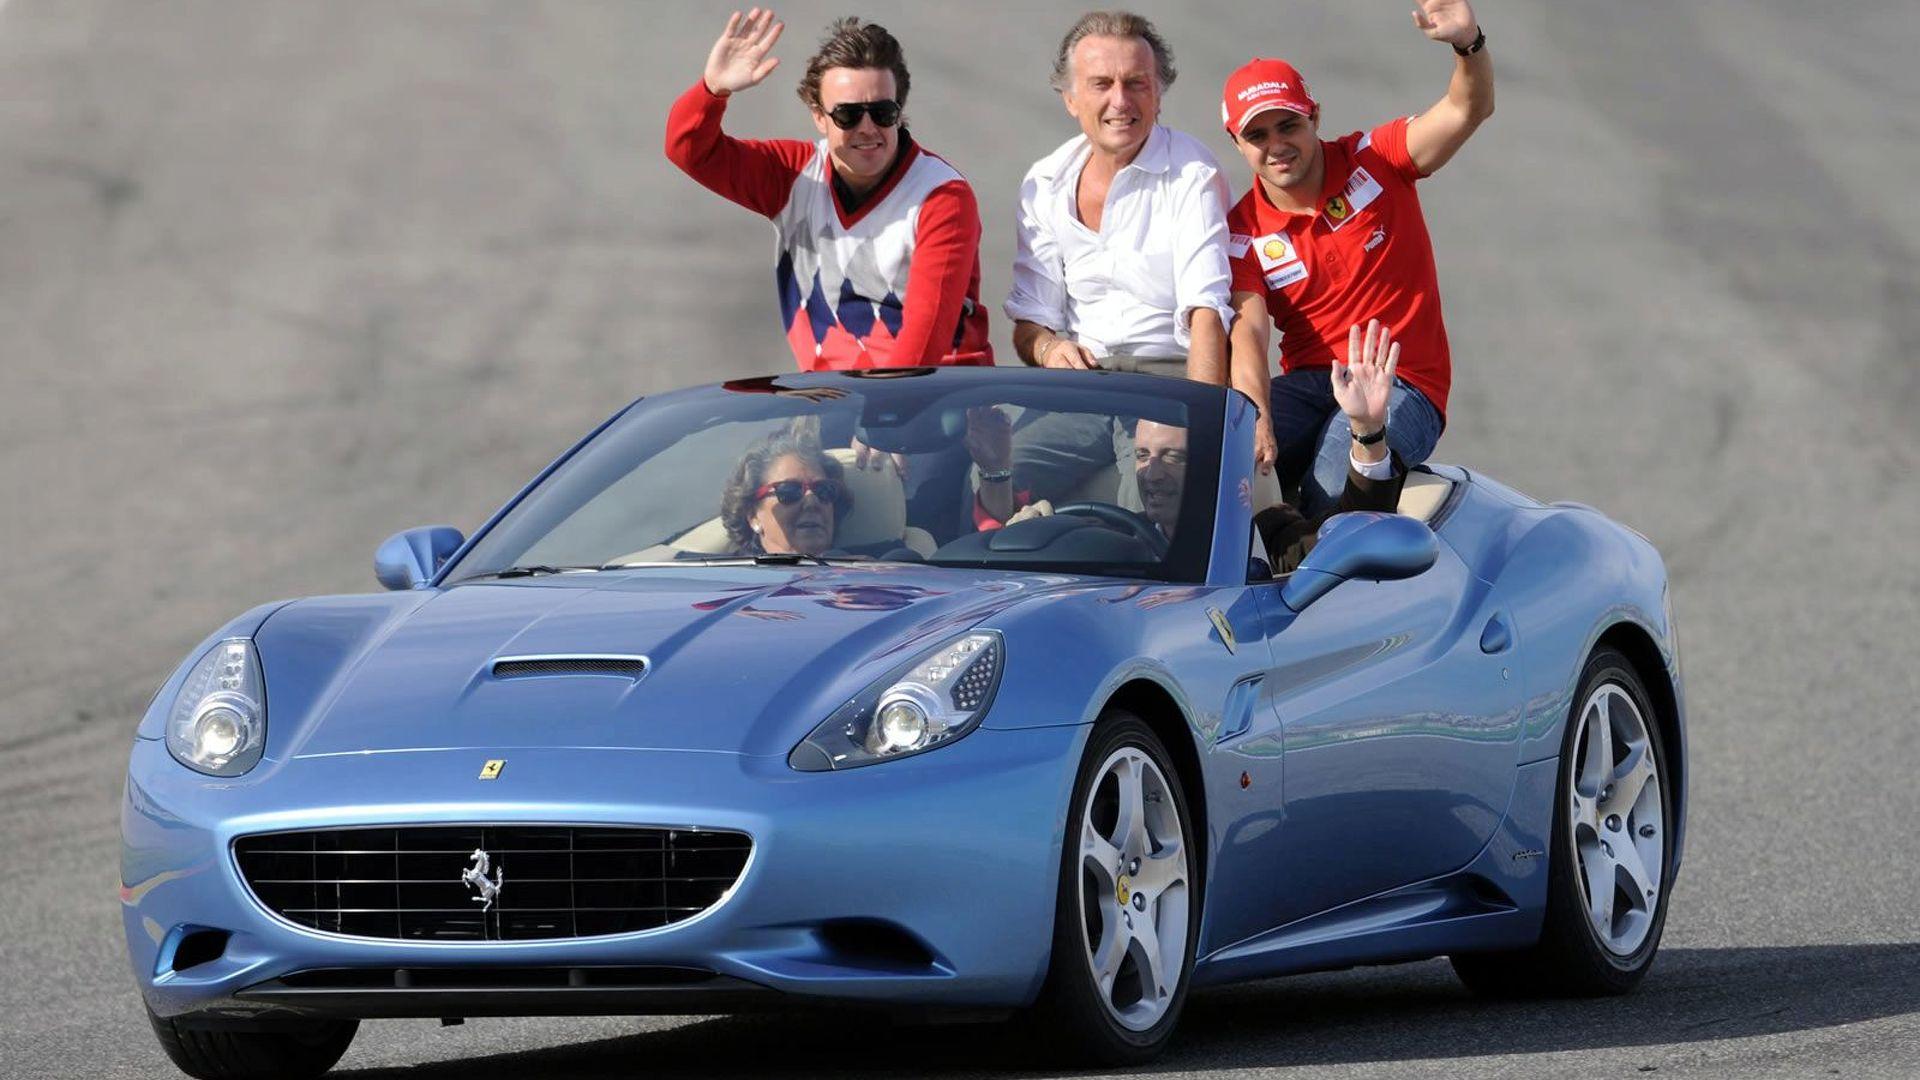 Reports - Montezemolo to leave Ferrari?